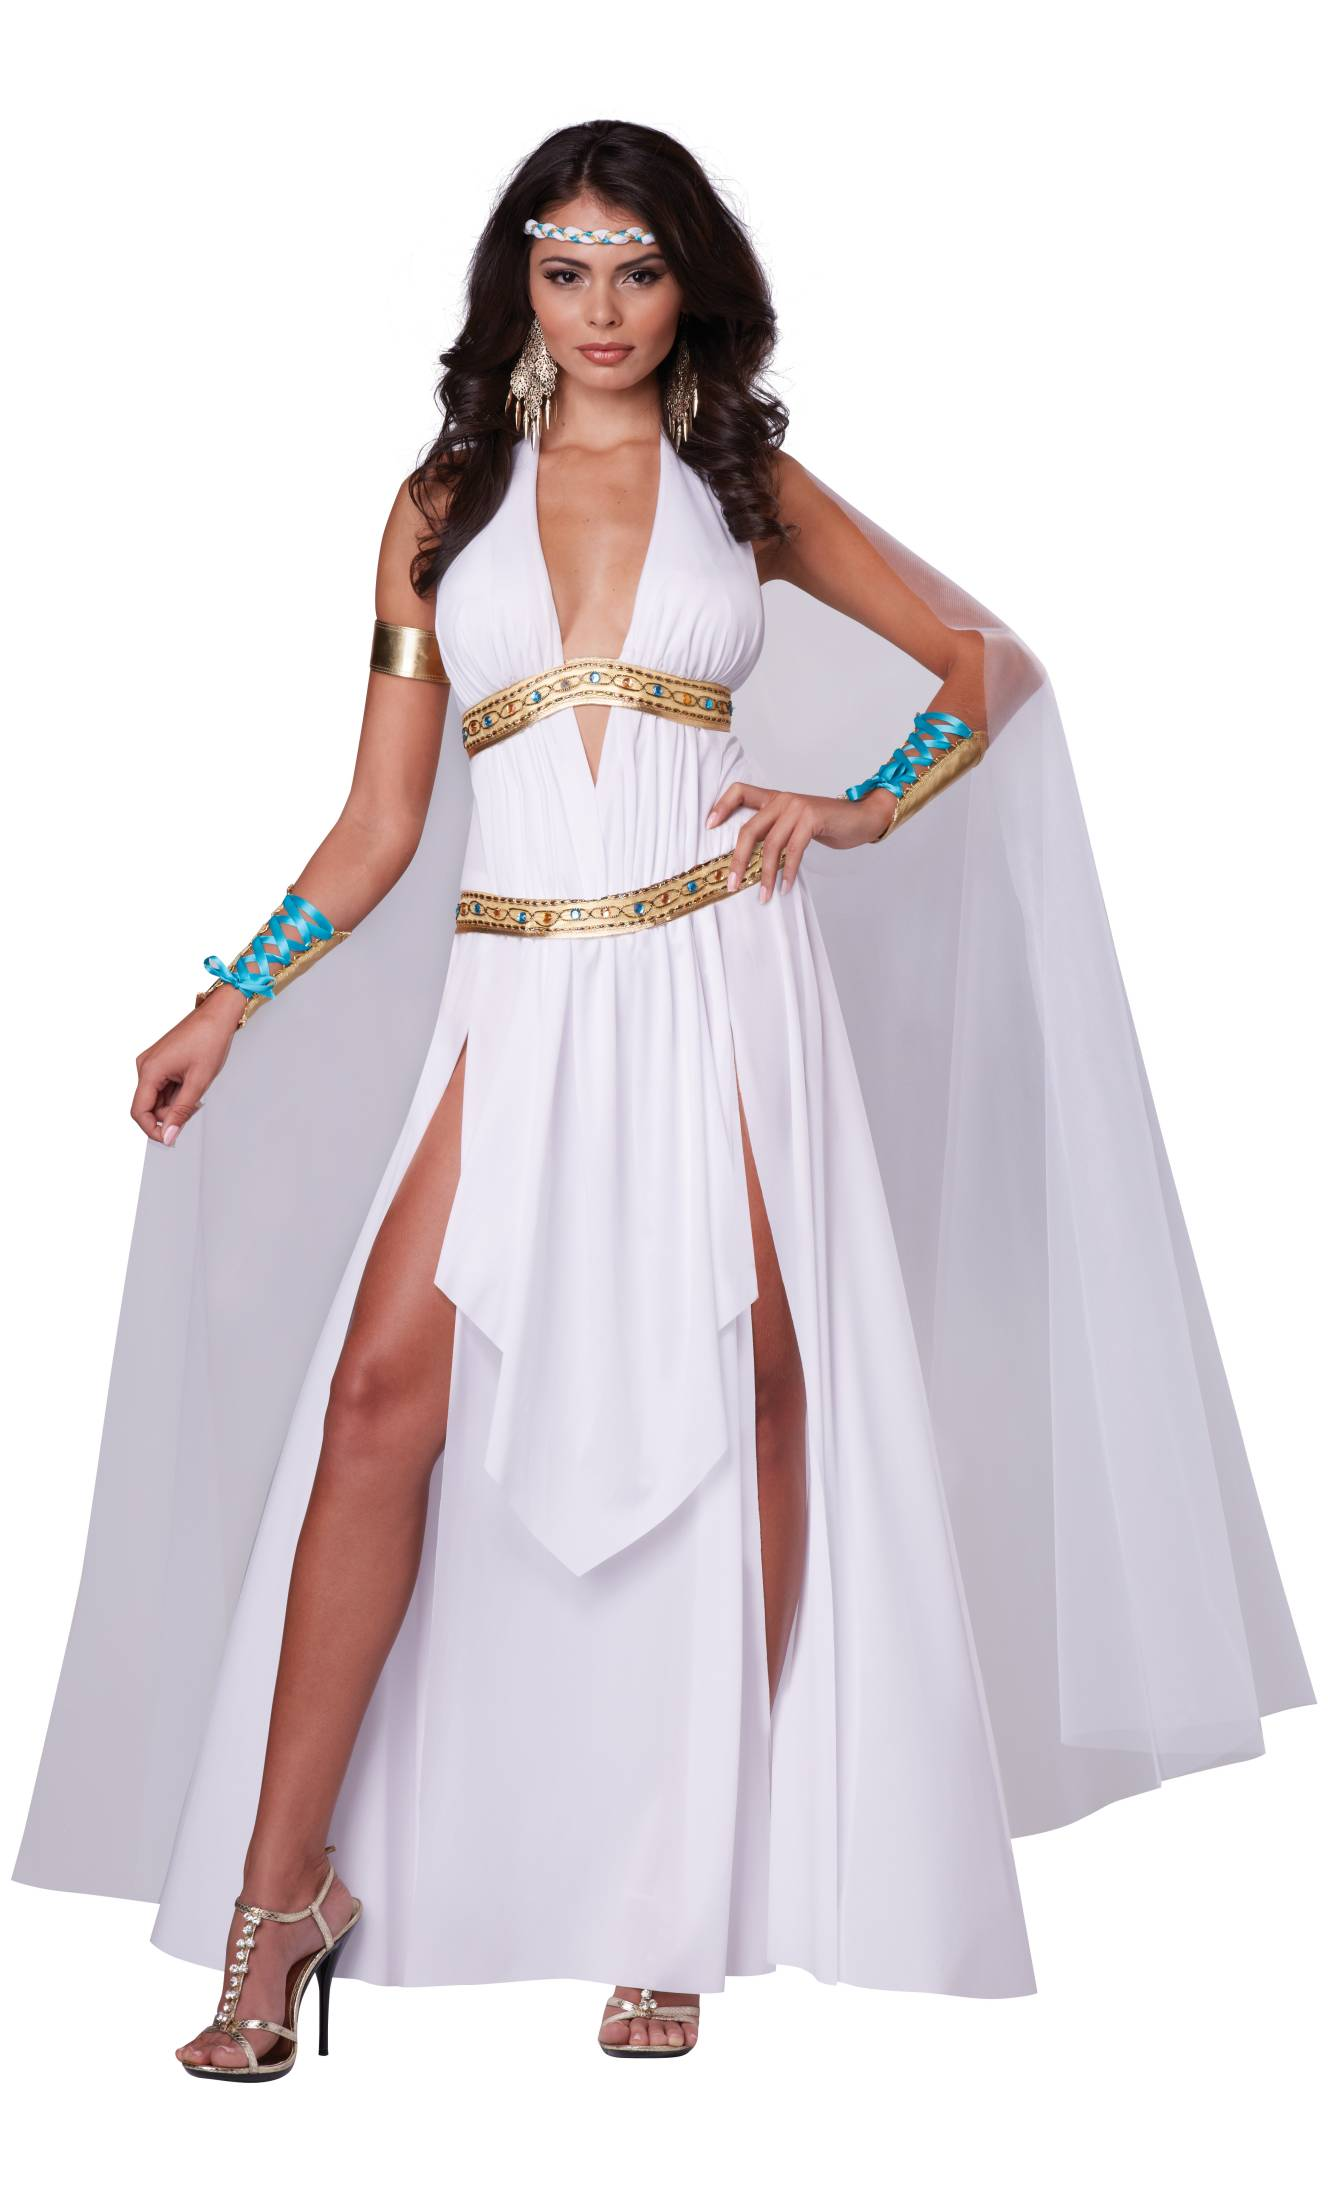 Relativ costume romaine,costume romaine BV41